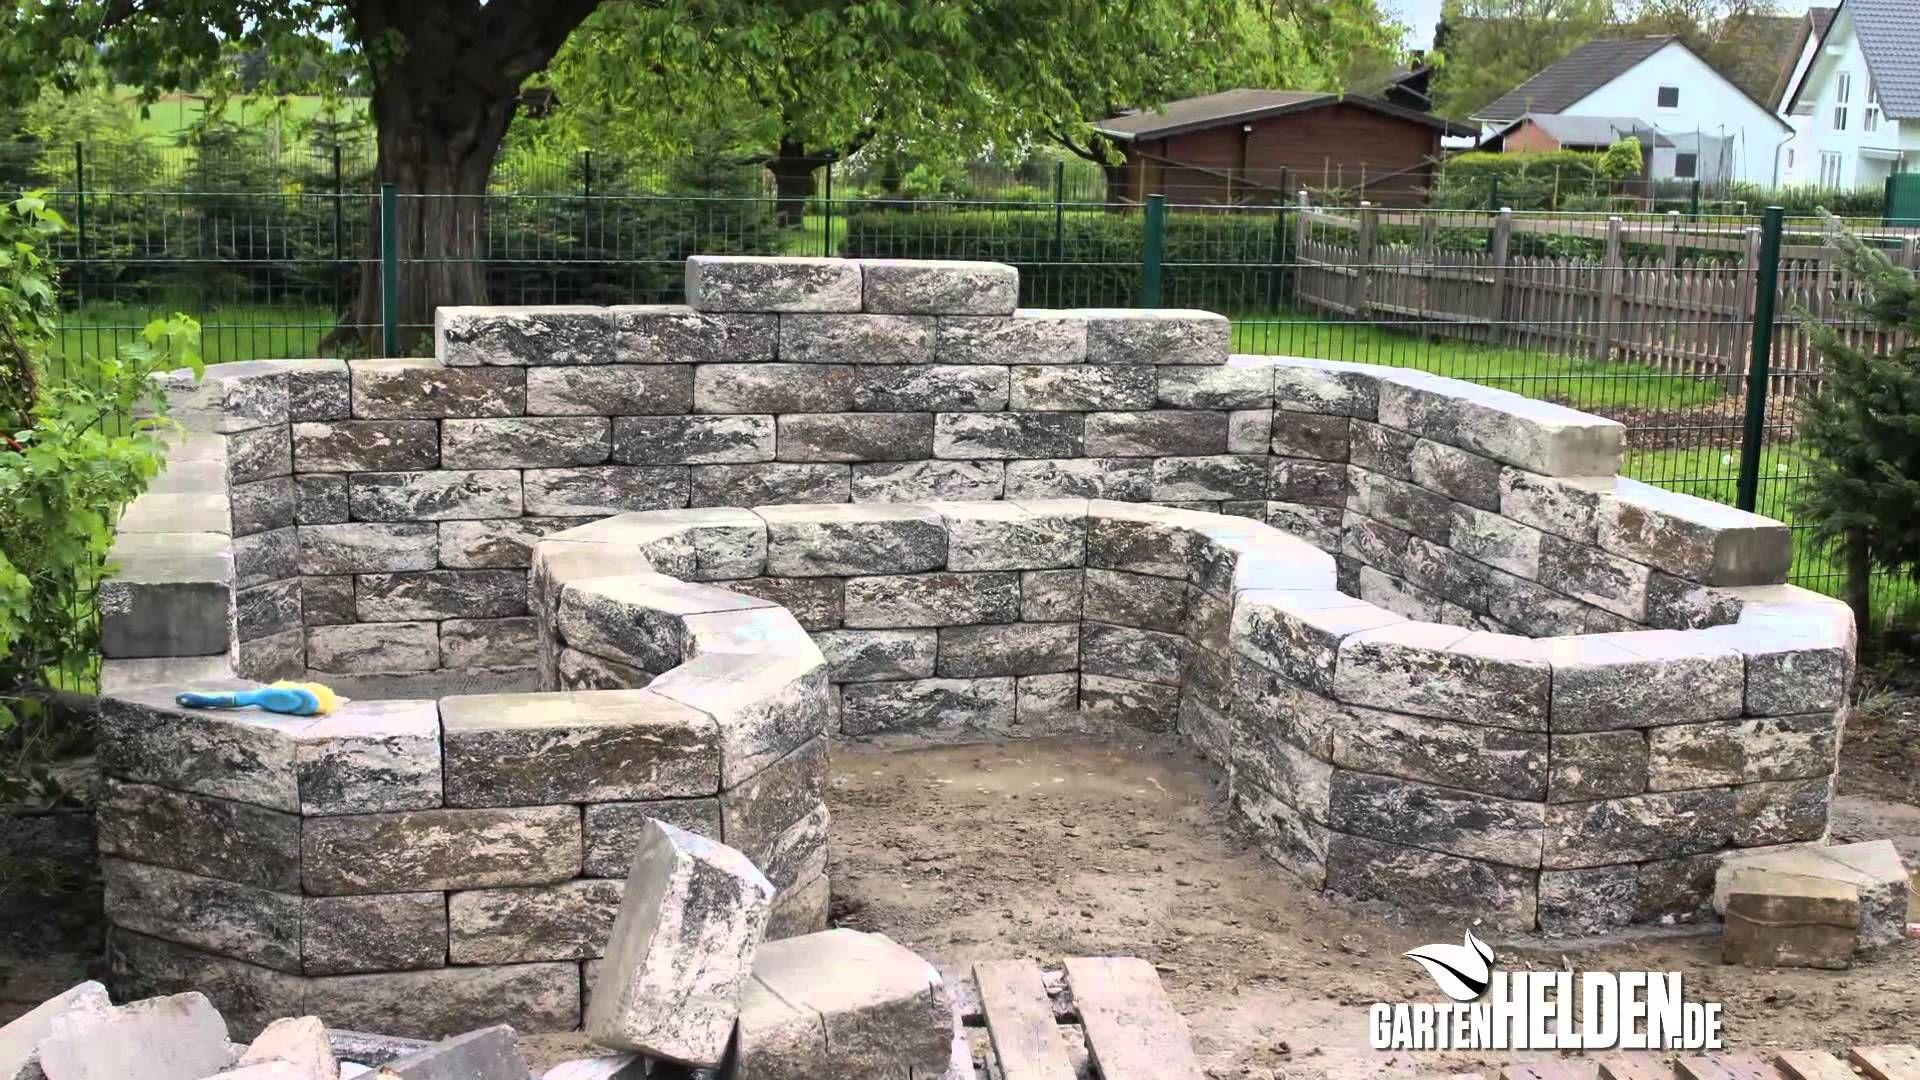 hochbeet:hochbeet stein selber bauen_maxresdefault hochbeet stein, Gartenarbeit